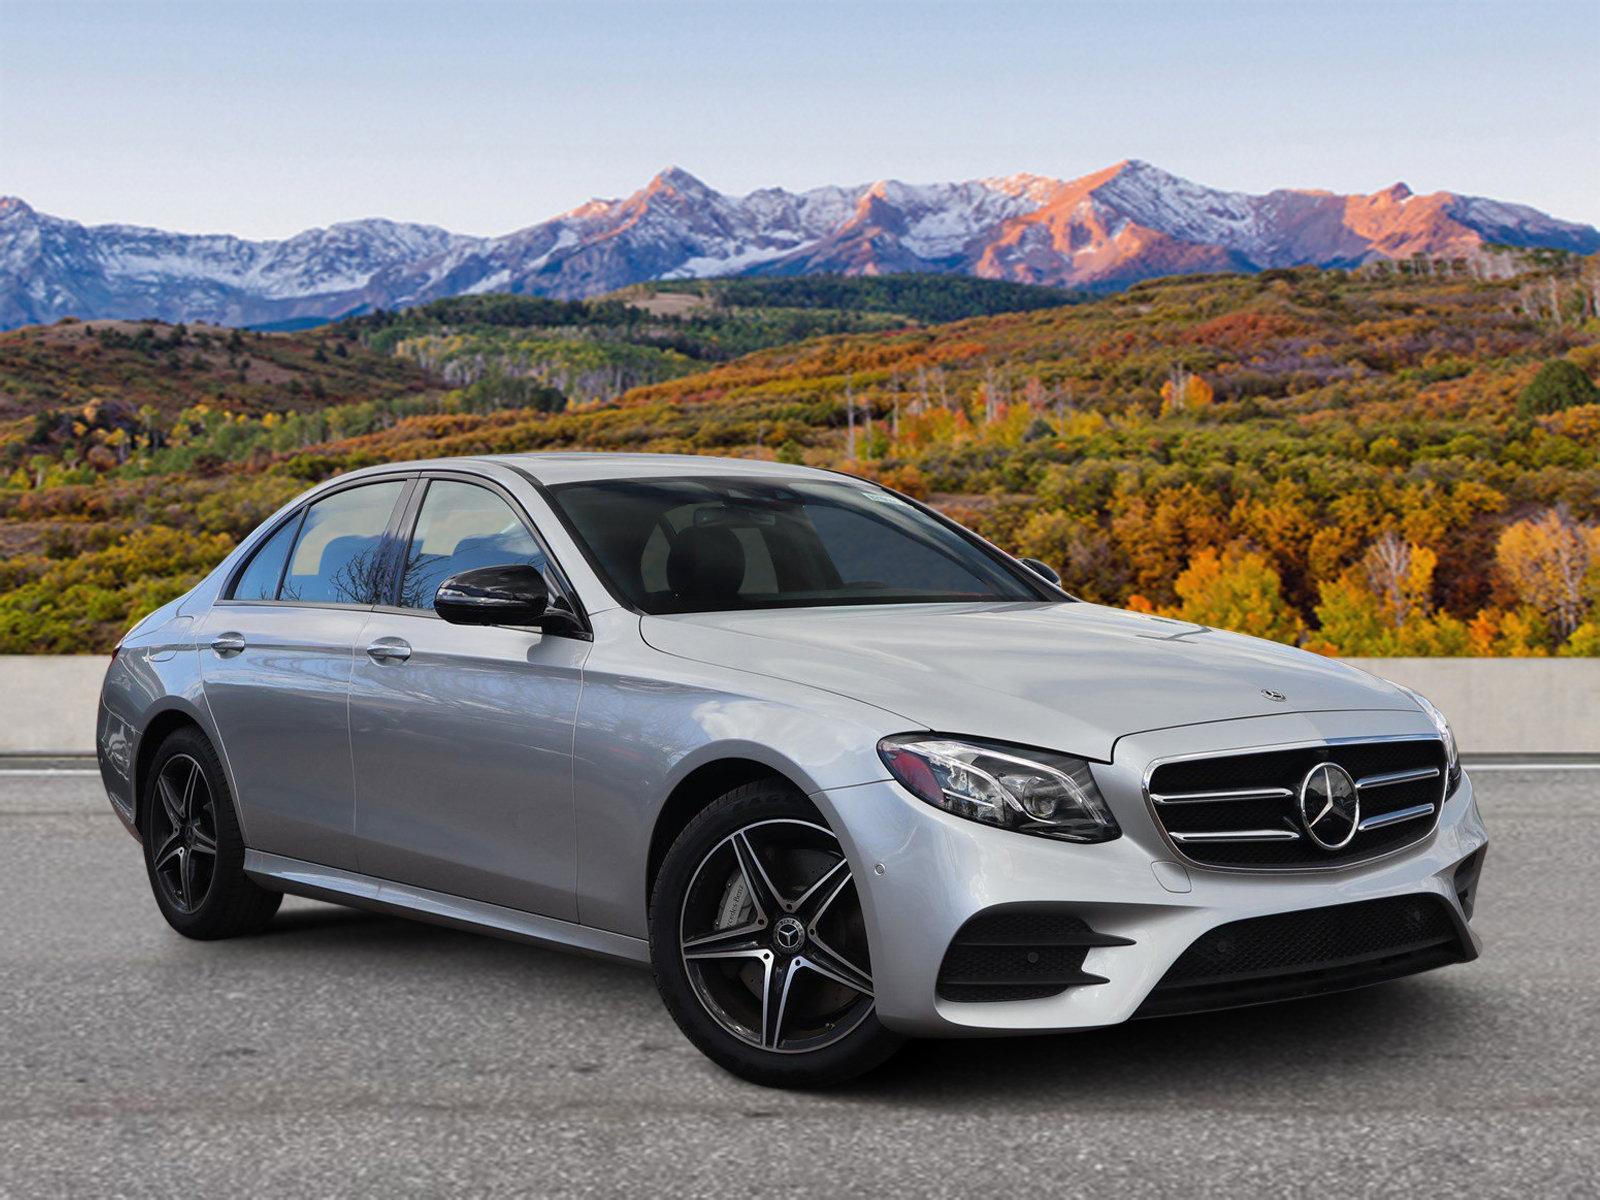 2019 Mercedes-Benz E 300 4MATIC image